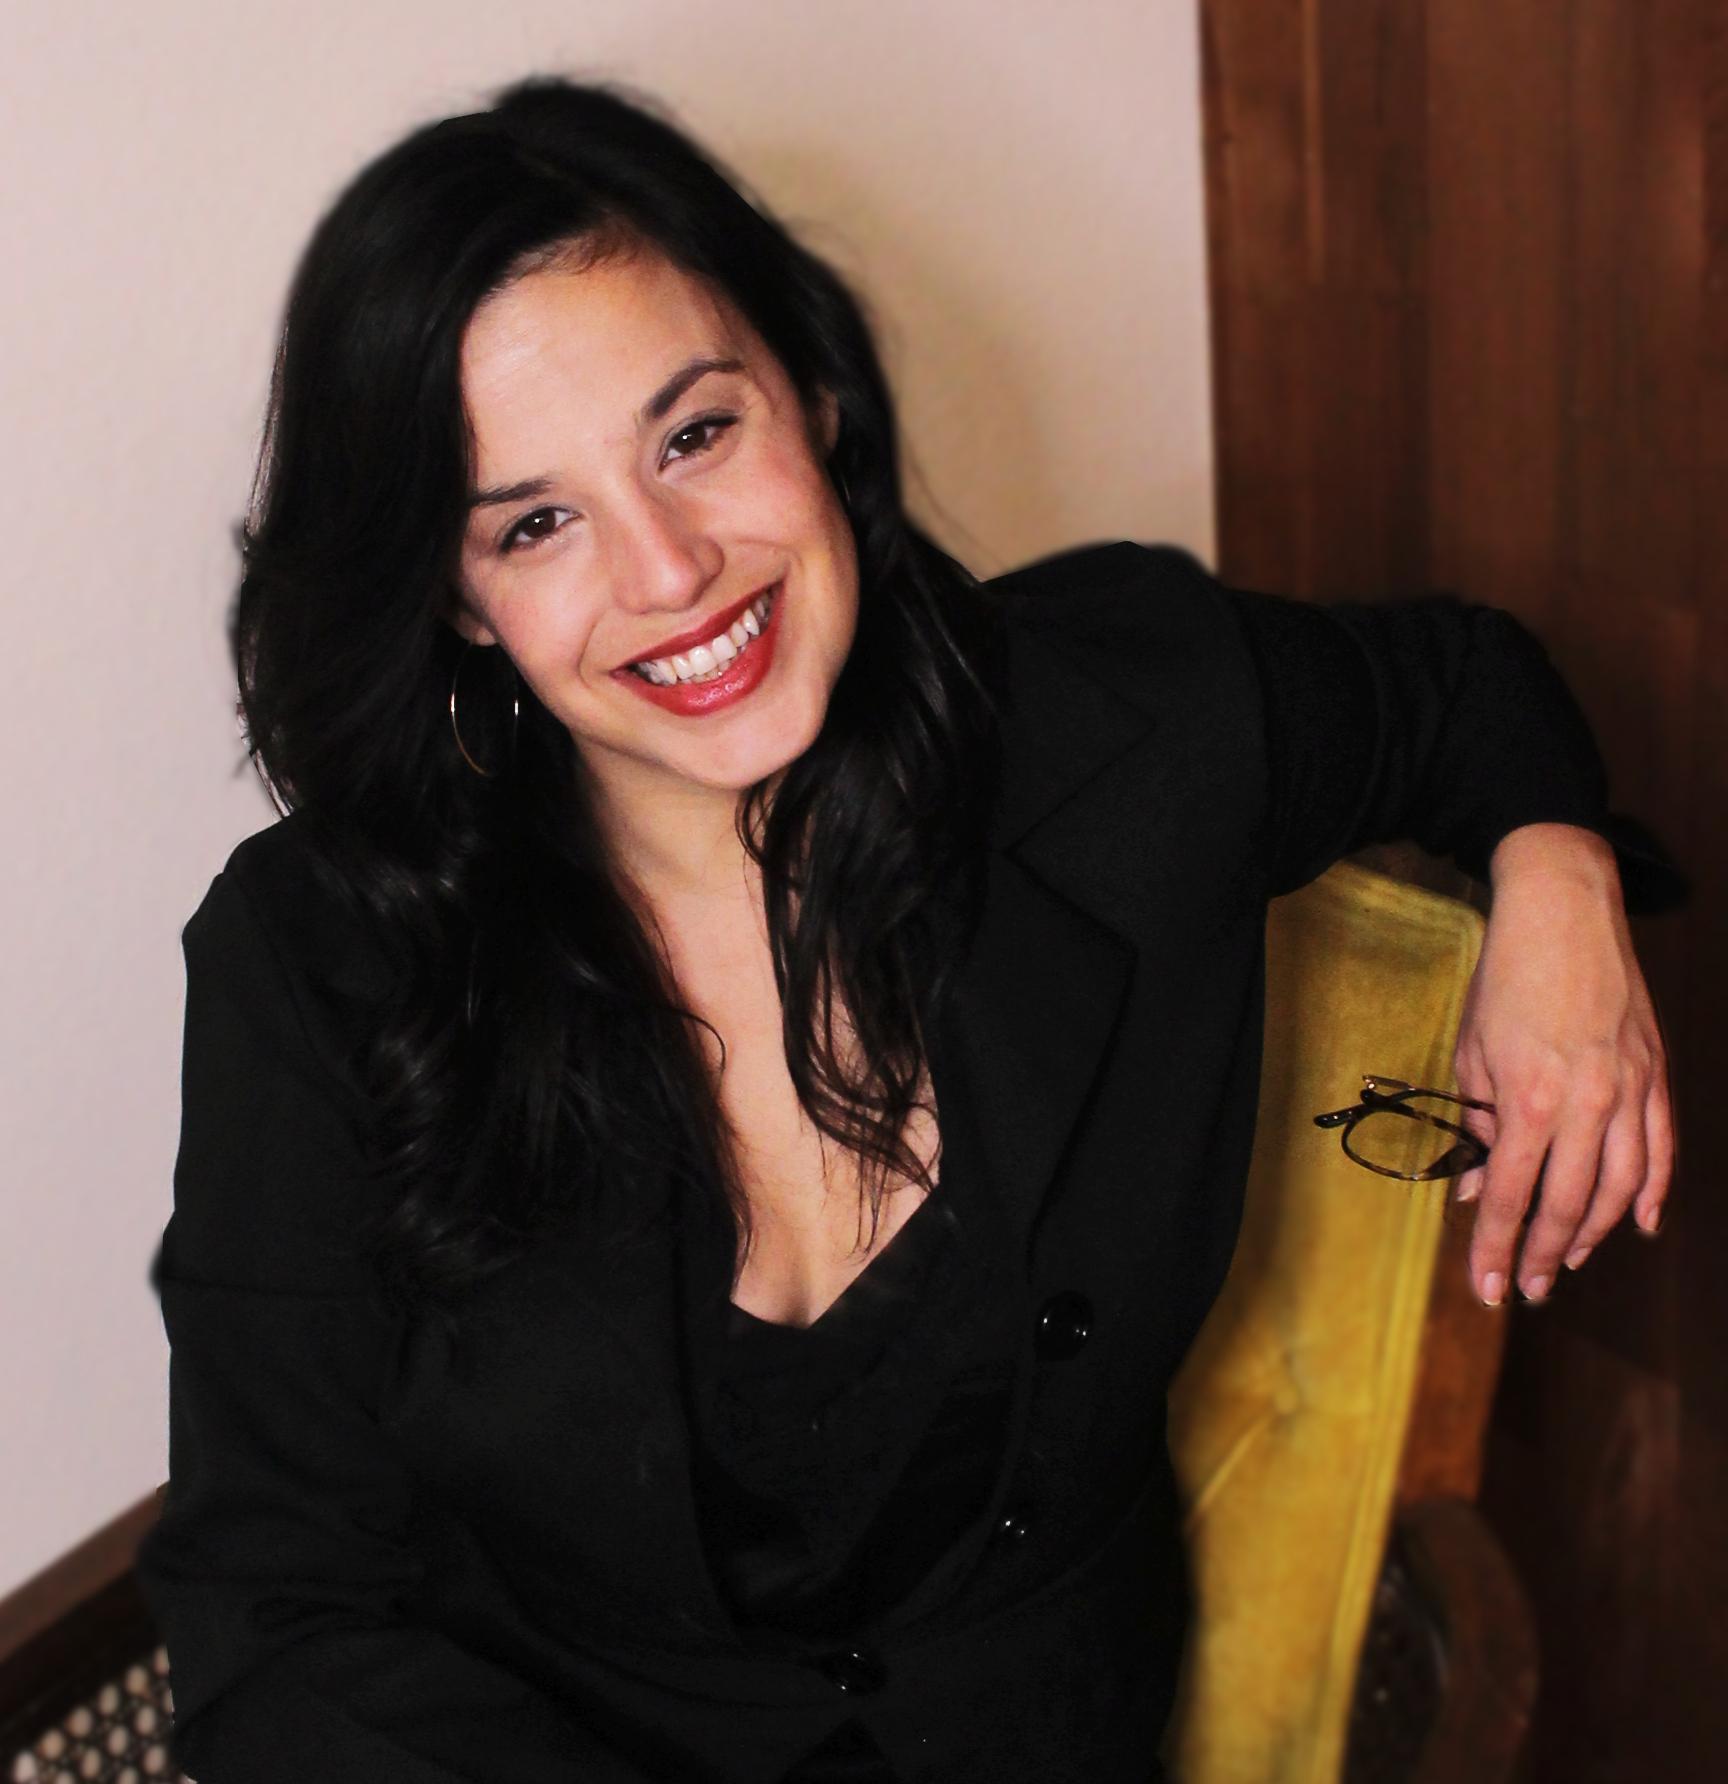 Melissa LuVisi